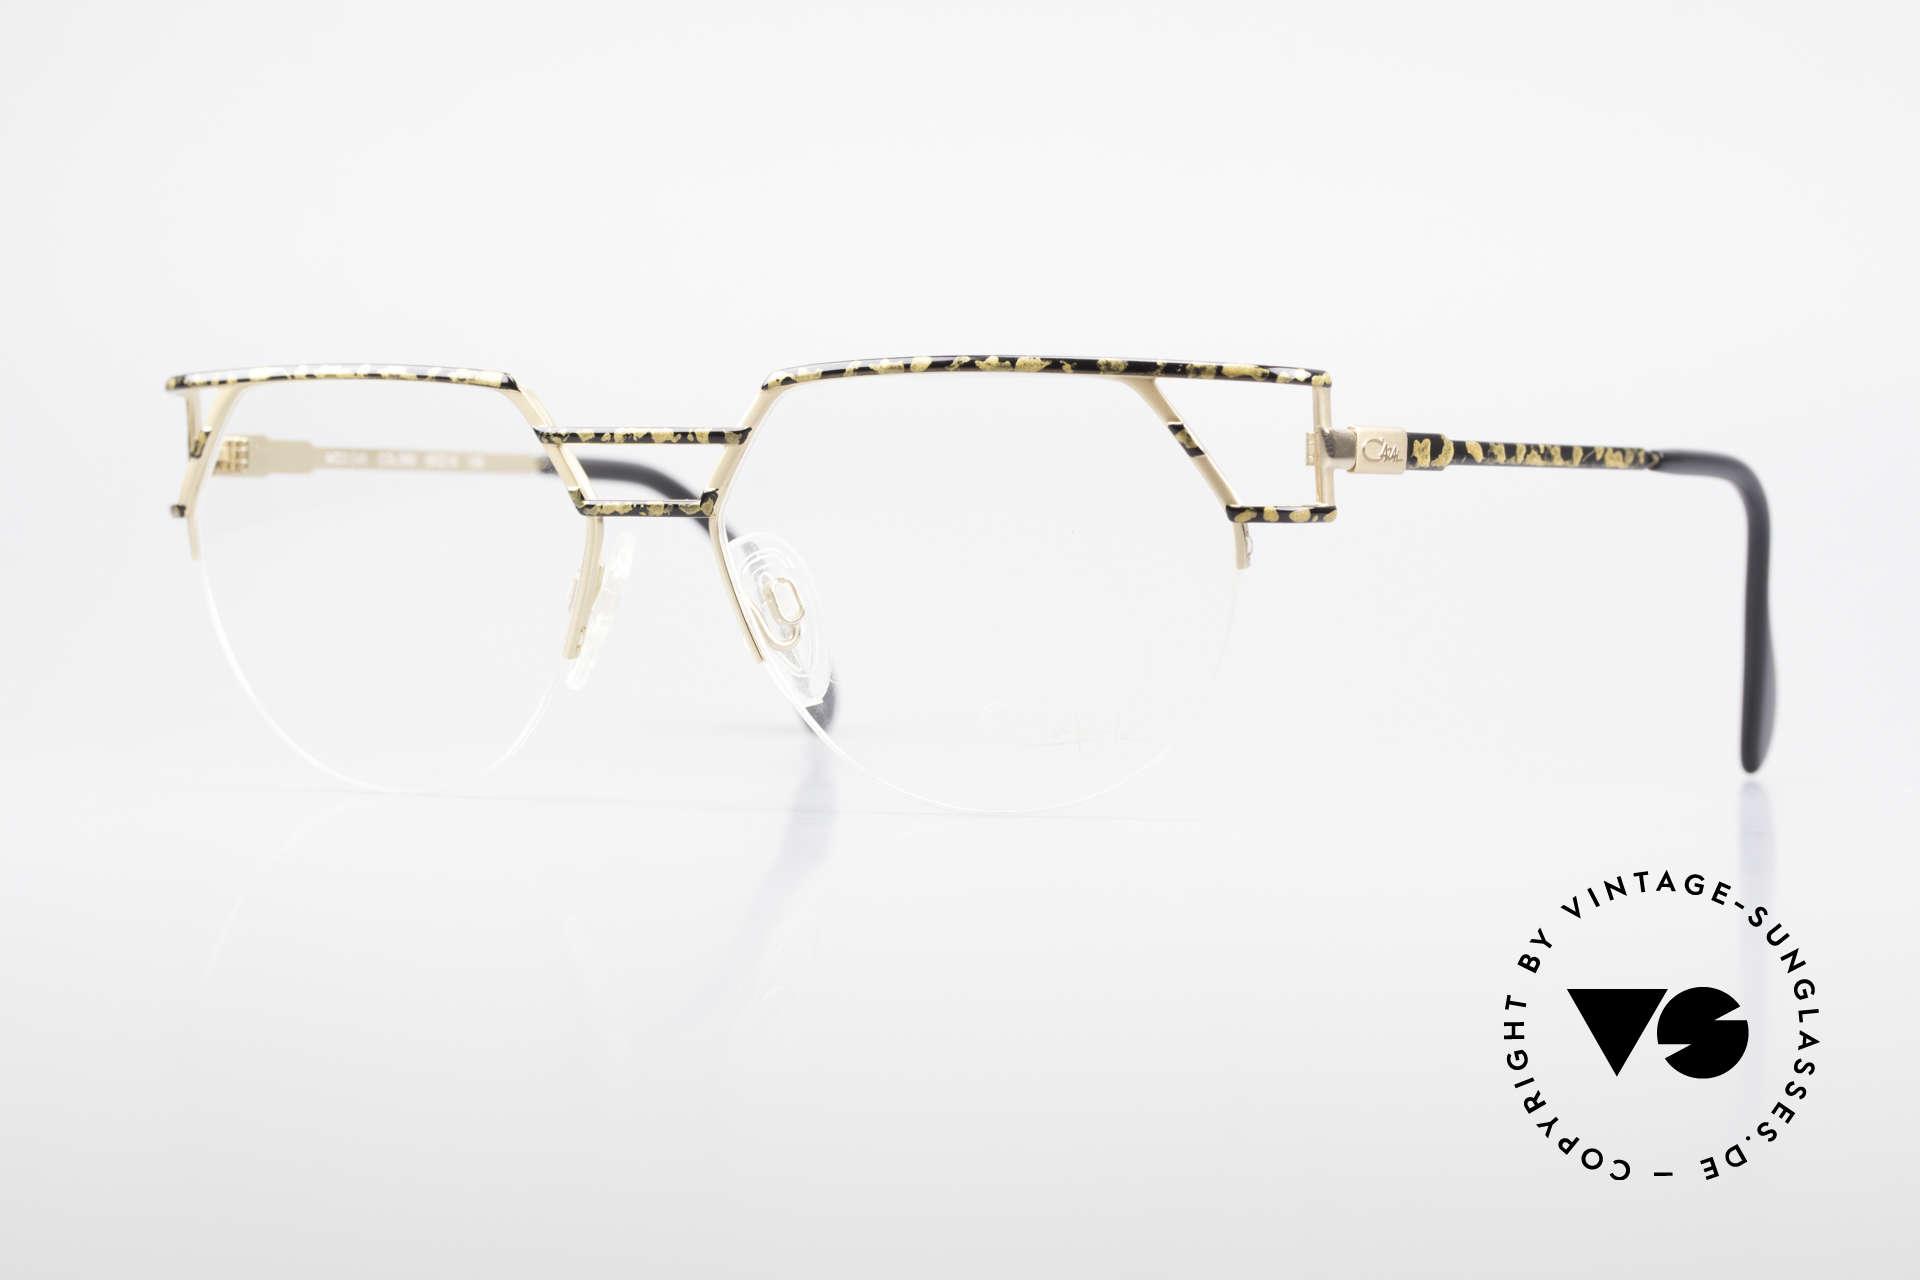 Cazal 248 90er No Retro Originalbrille, markante Cazal Designerbrille der frühen 90er Jahre, Passend für Herren und Damen